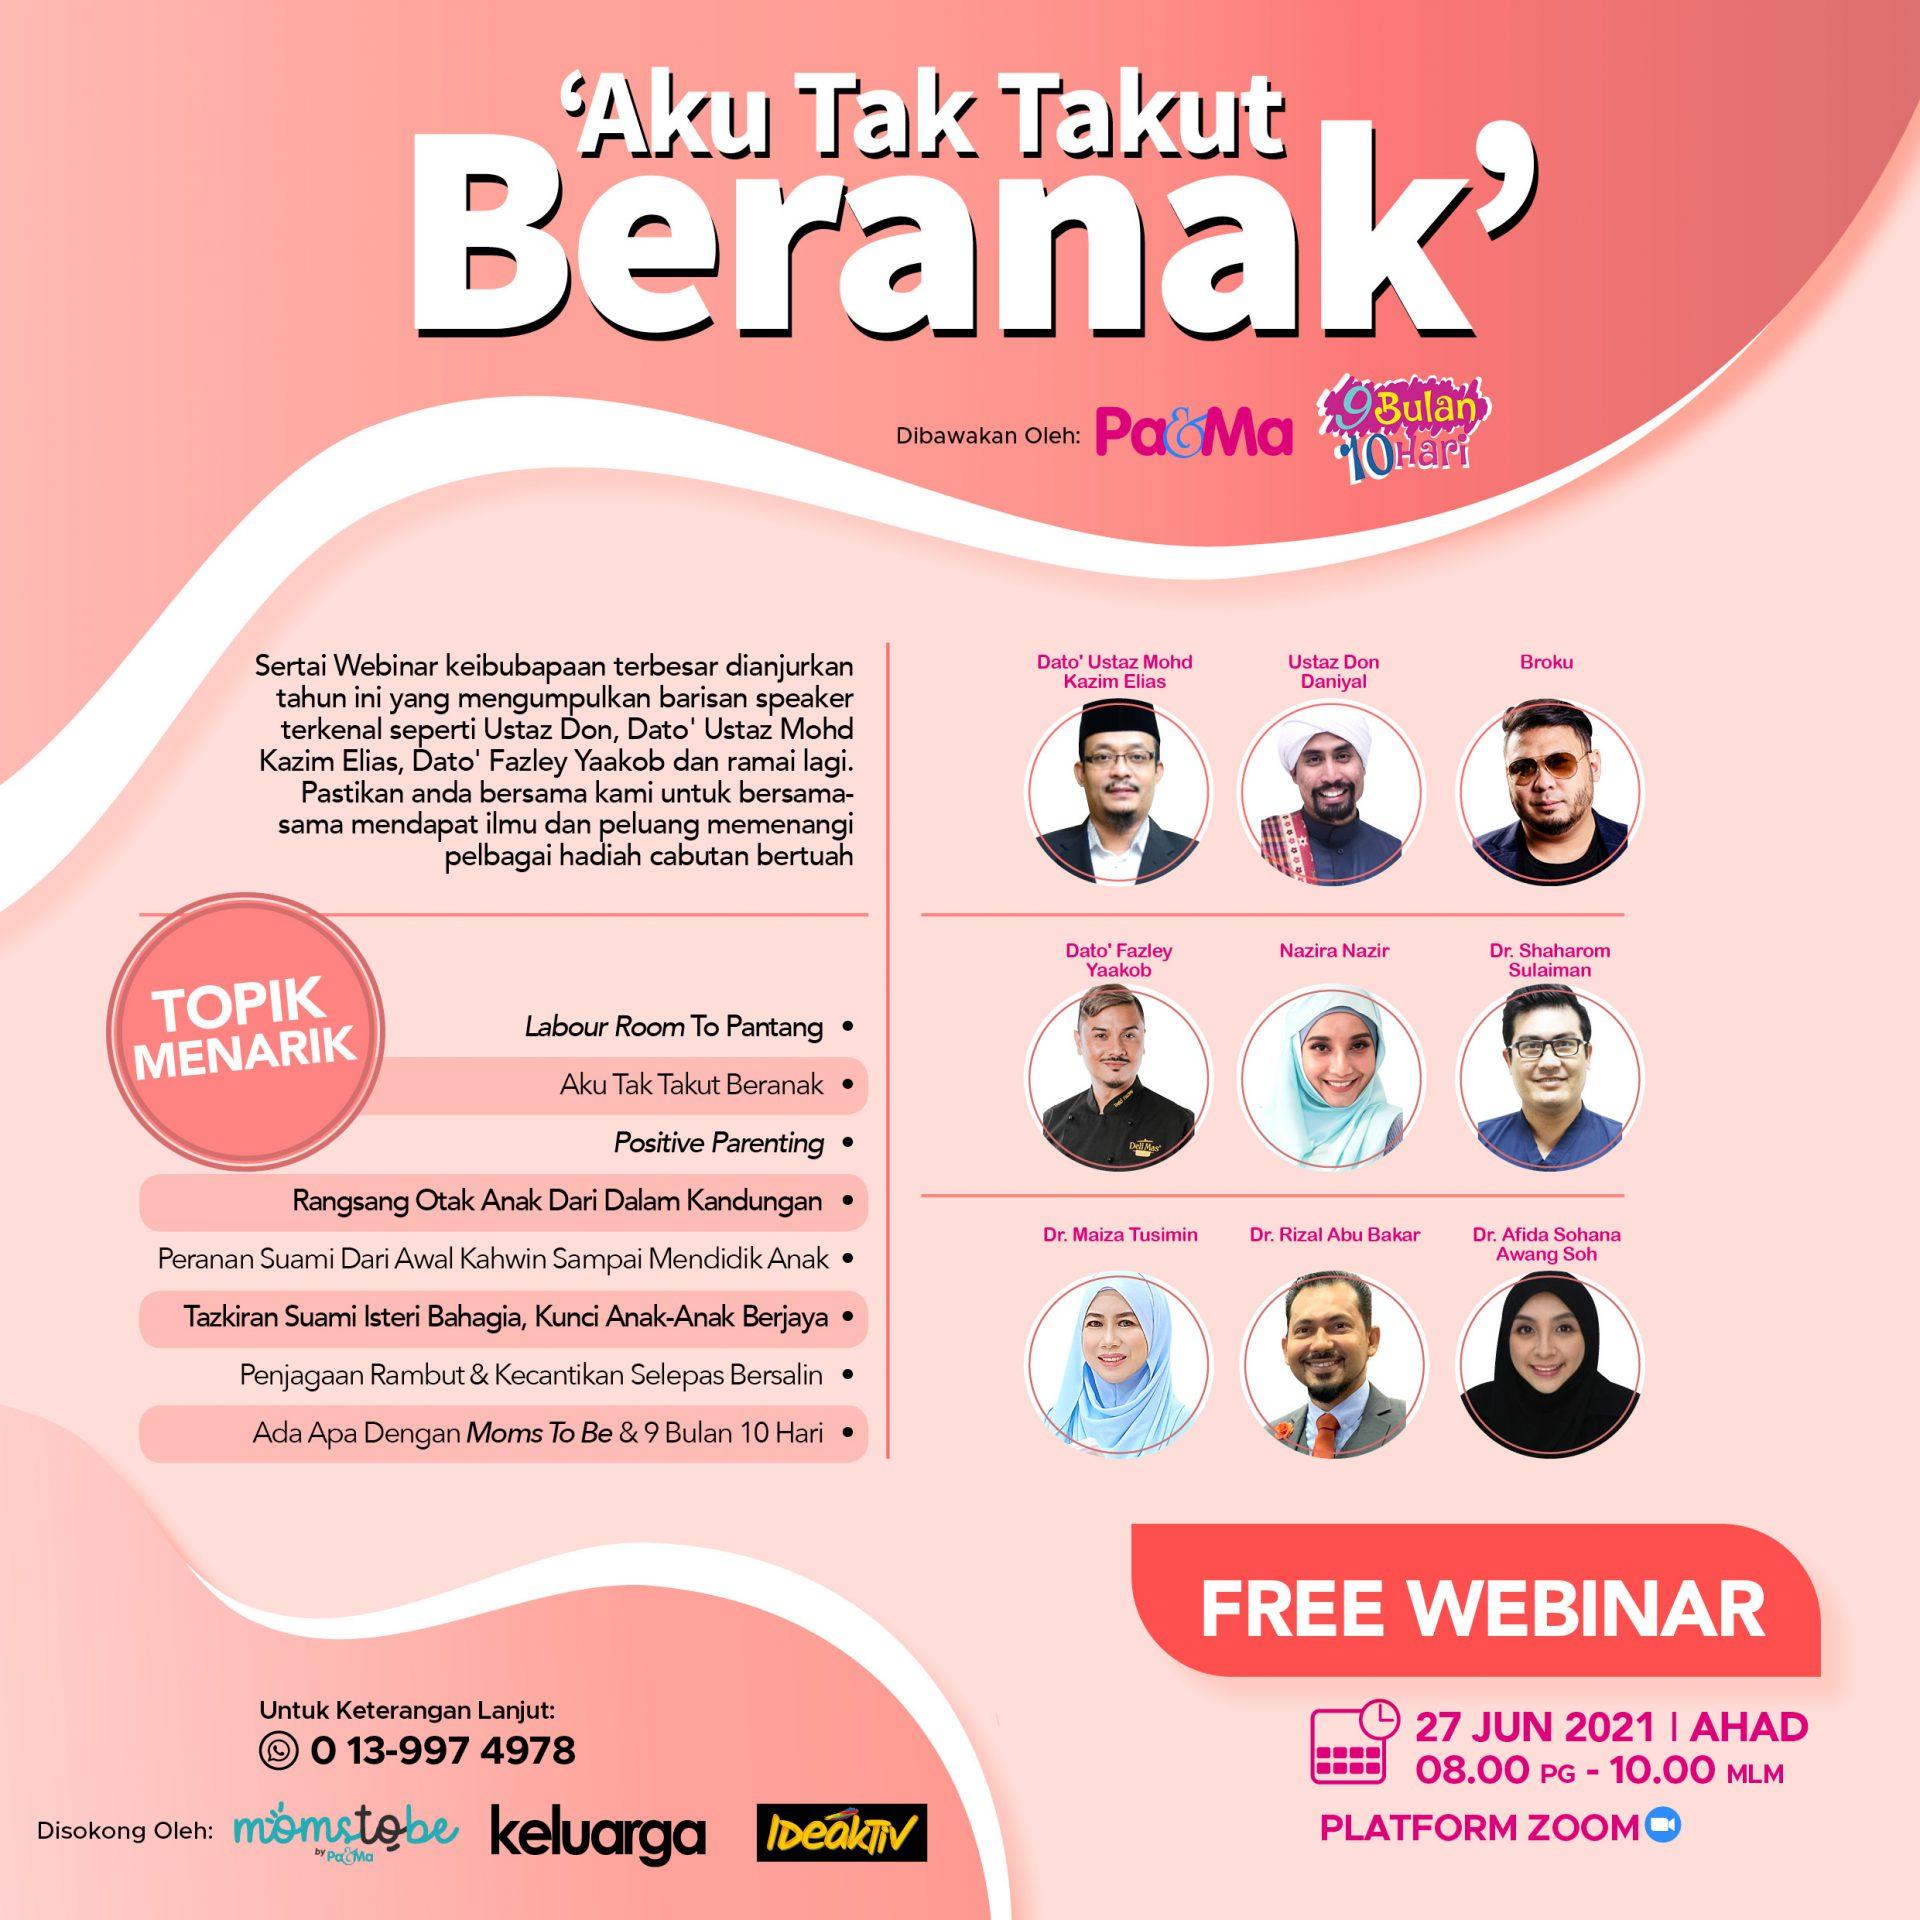 Webinar Keibubapaan percuma